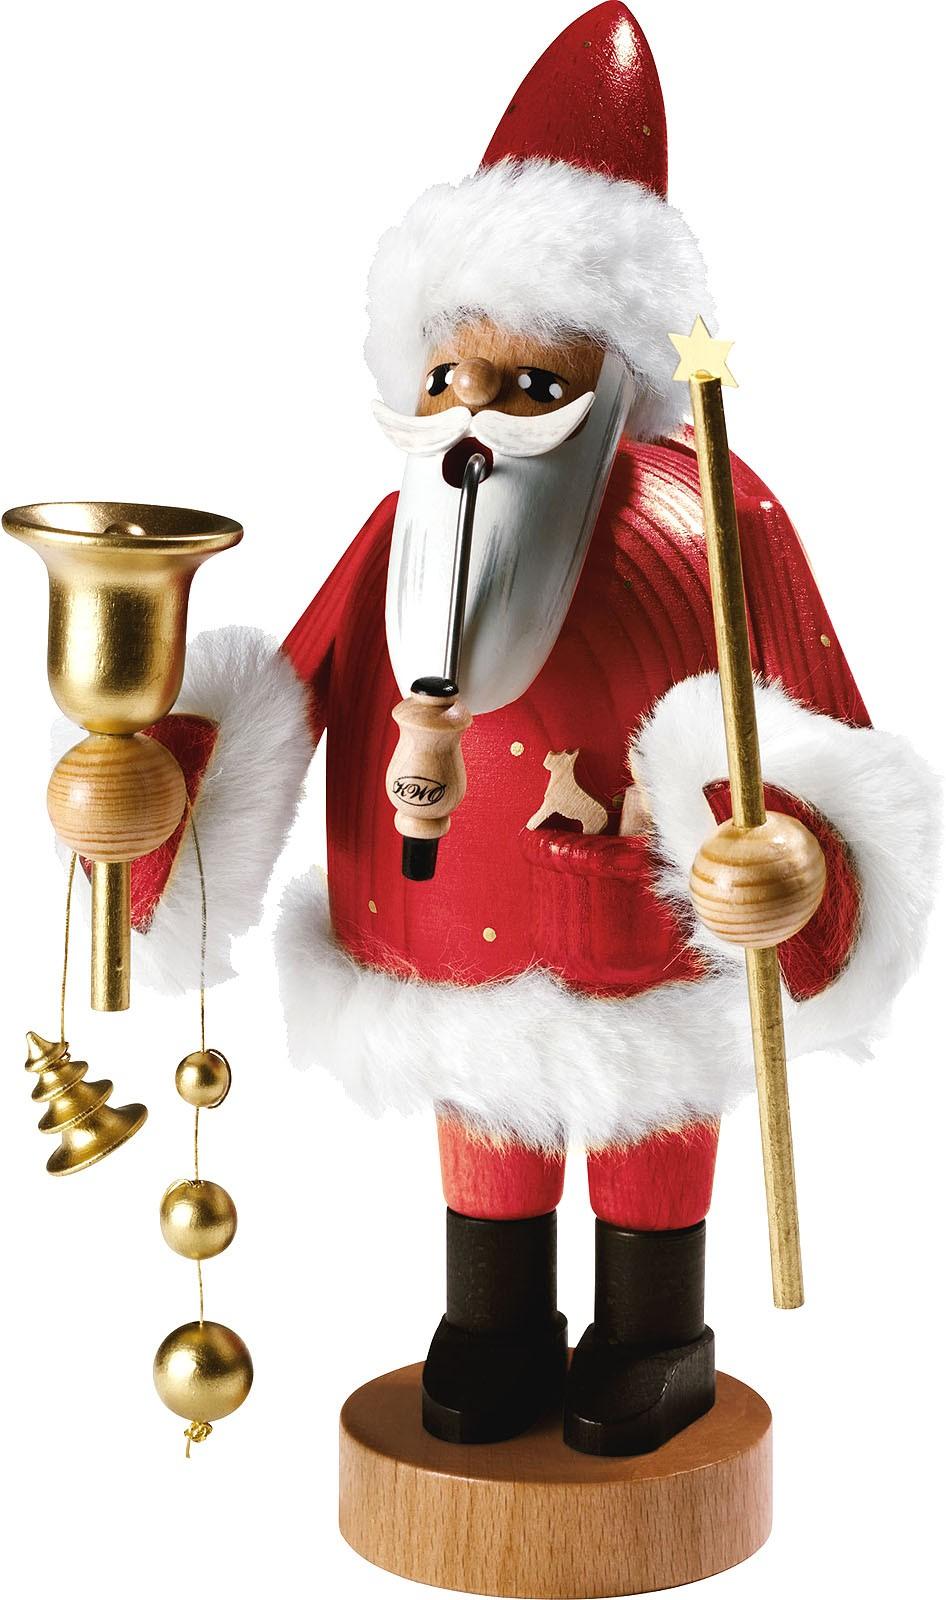 Räuchermann Santa Claus -Die Bärtigen- 18 cm